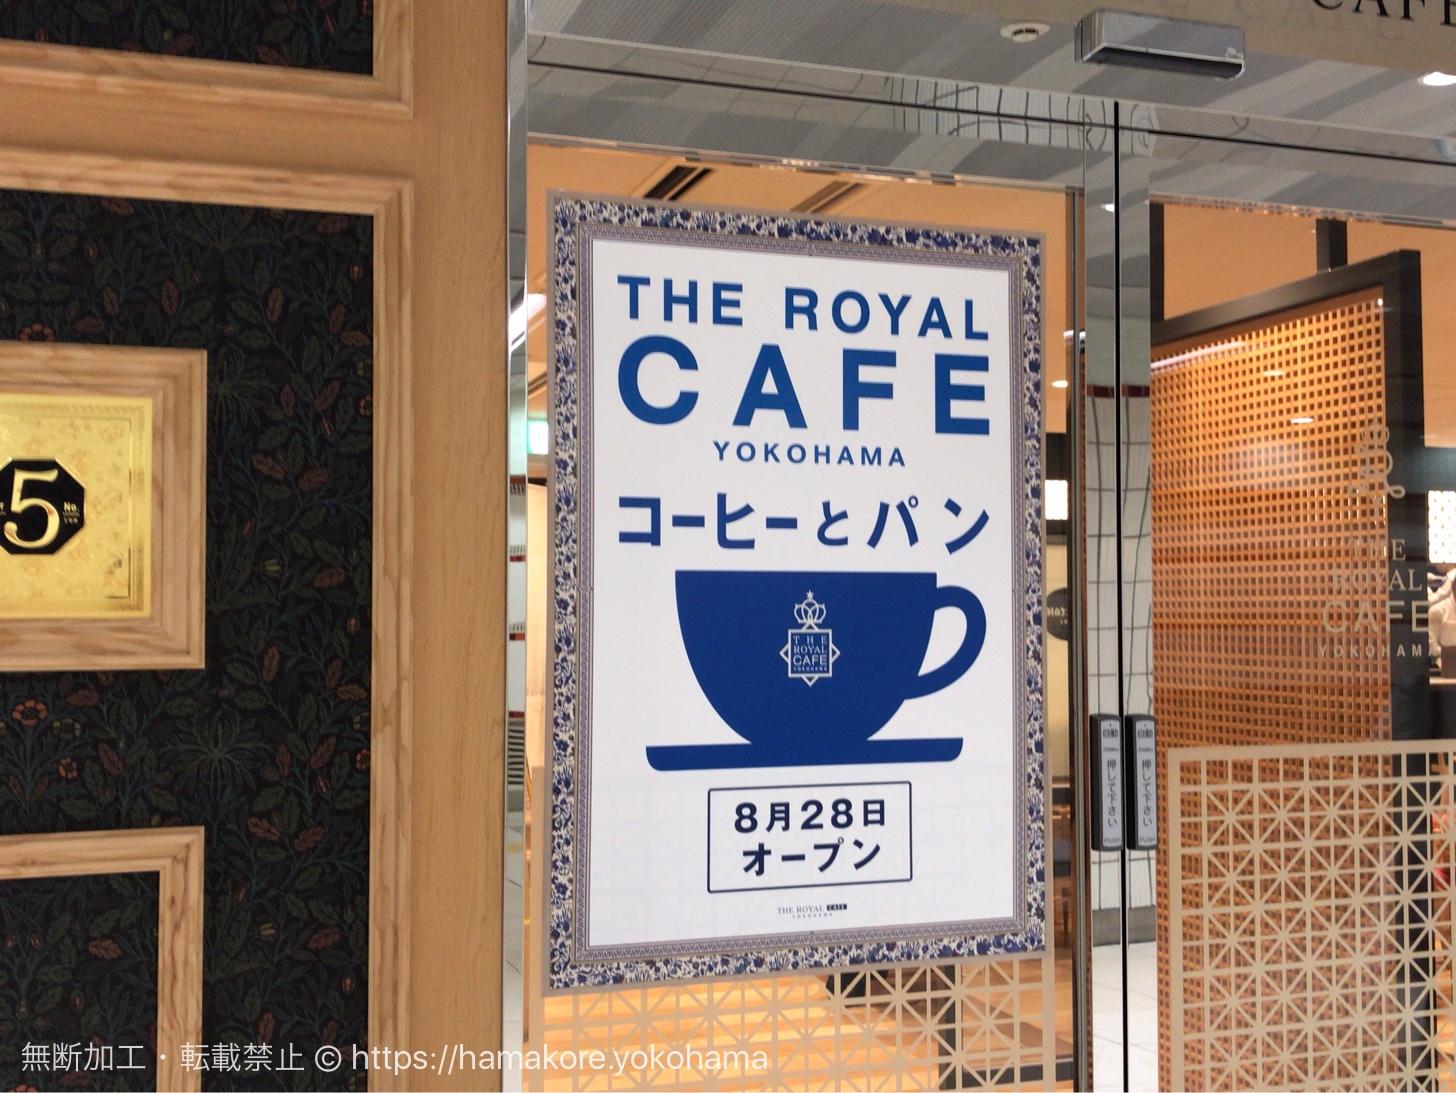 横浜駅「ザ・ロイヤルカフェ」は2017年8月28日オープン!